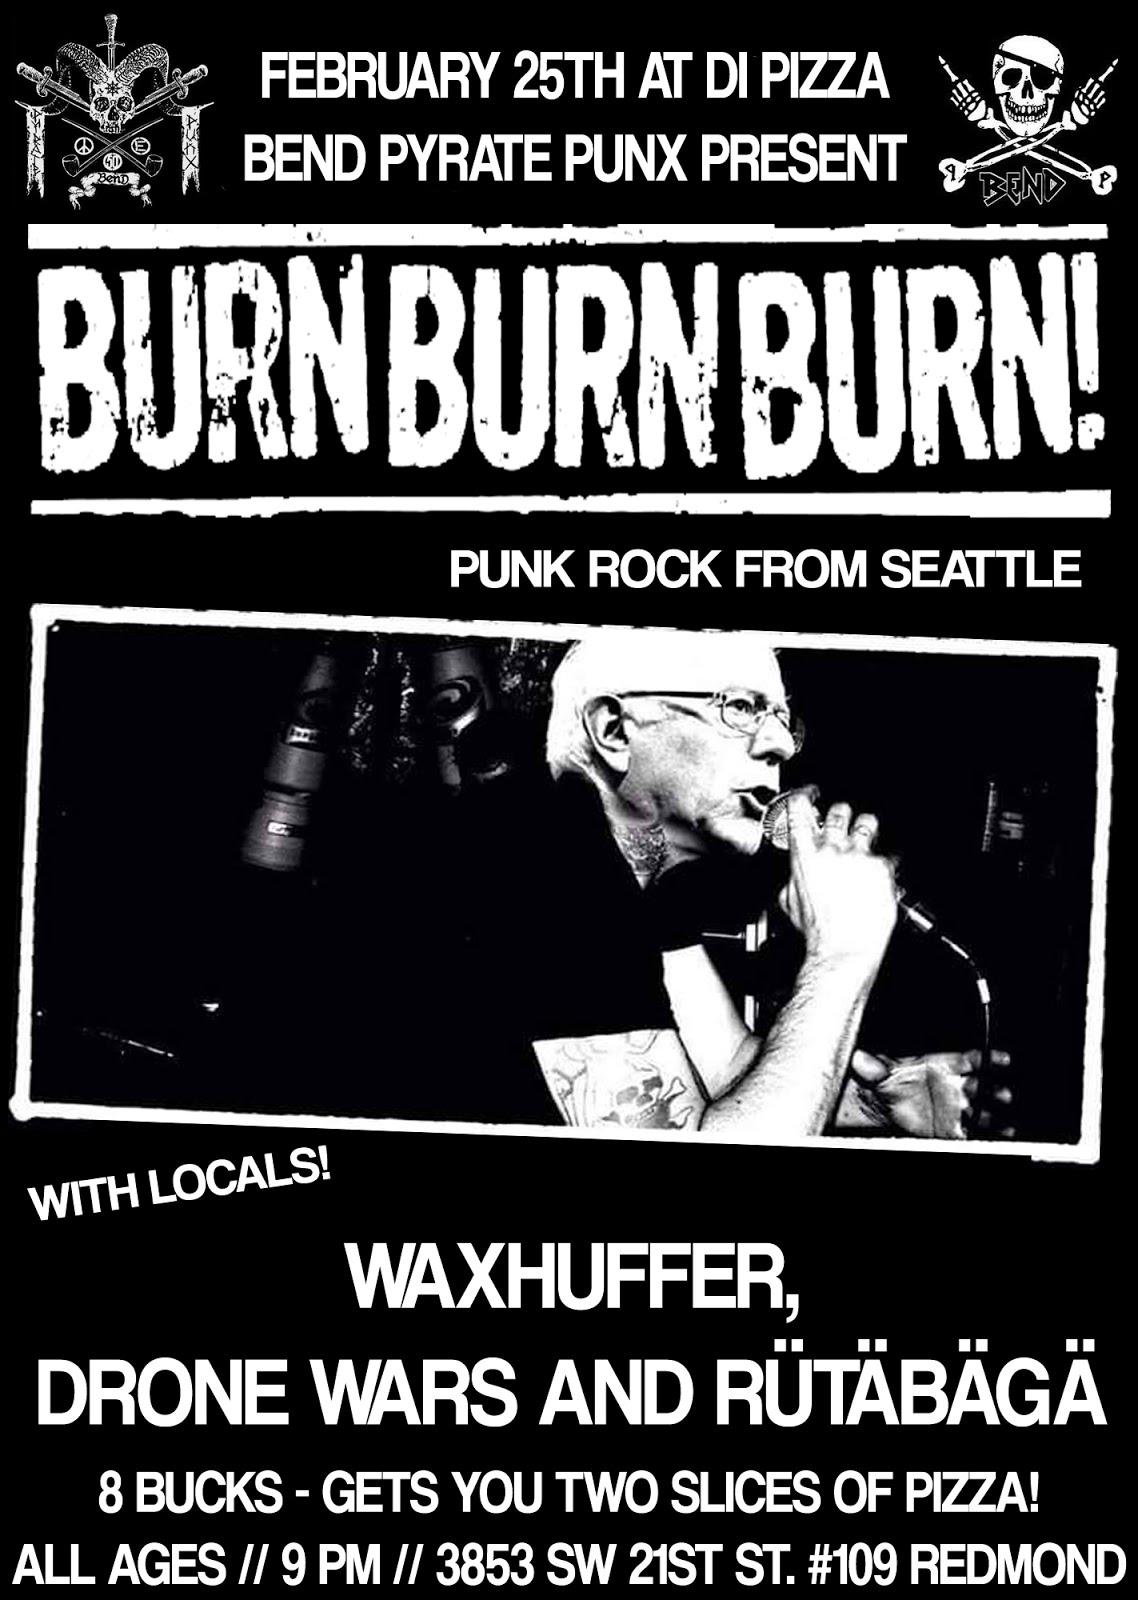 BURN BURN BURN, WAXHUFFER, DRONE WARS, AND RUTABAGA